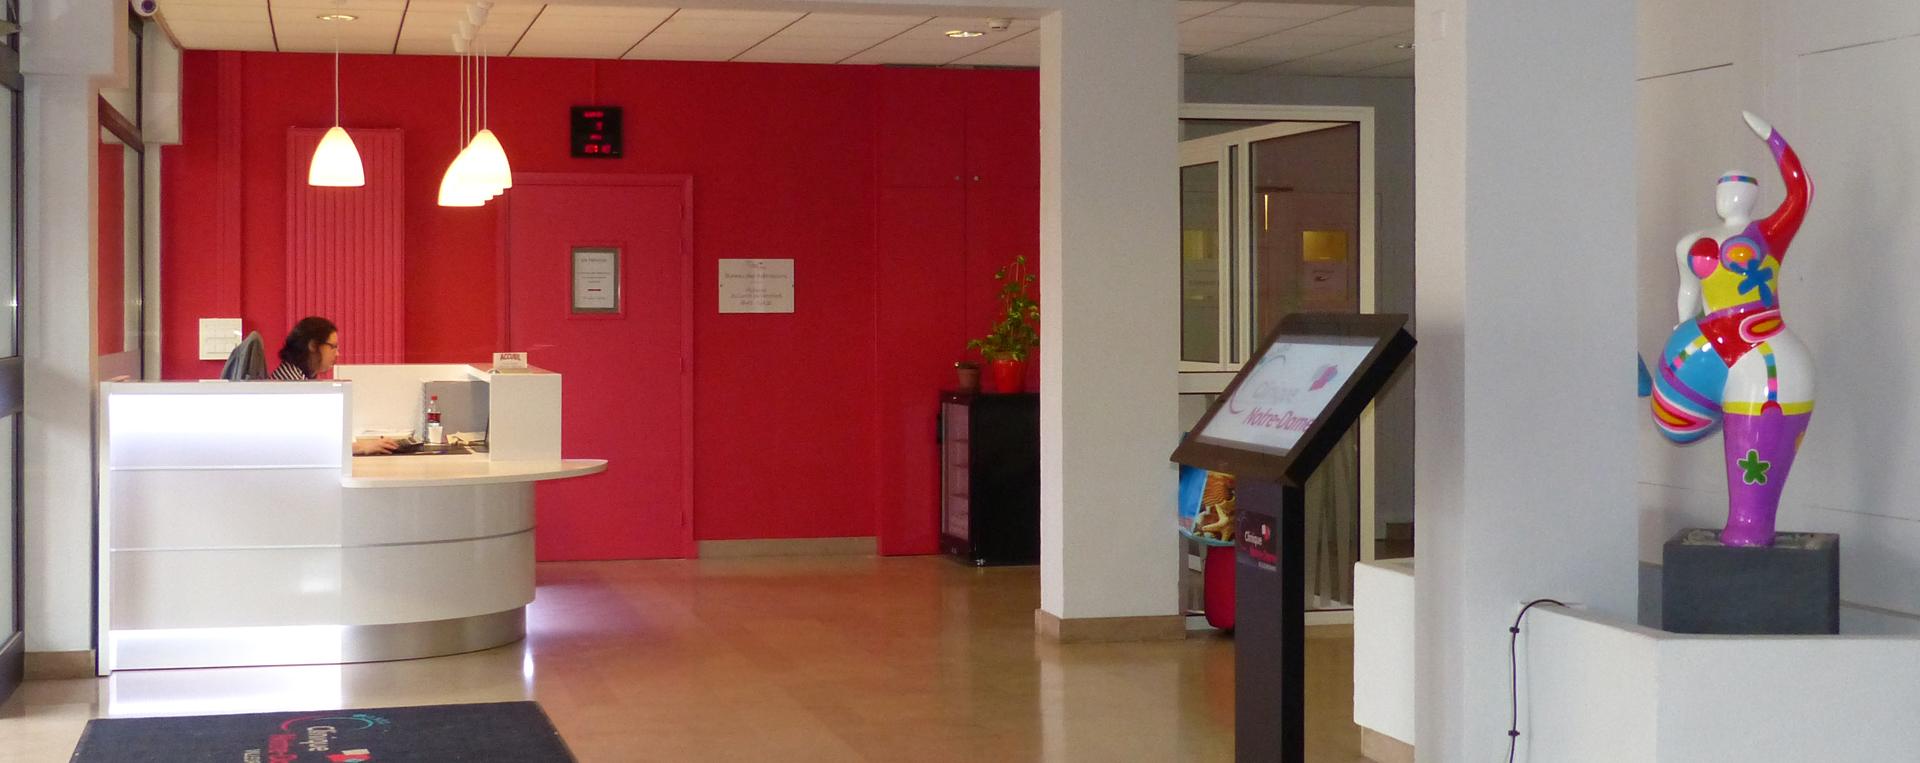 clinique-notre-dame-accueil-bg1